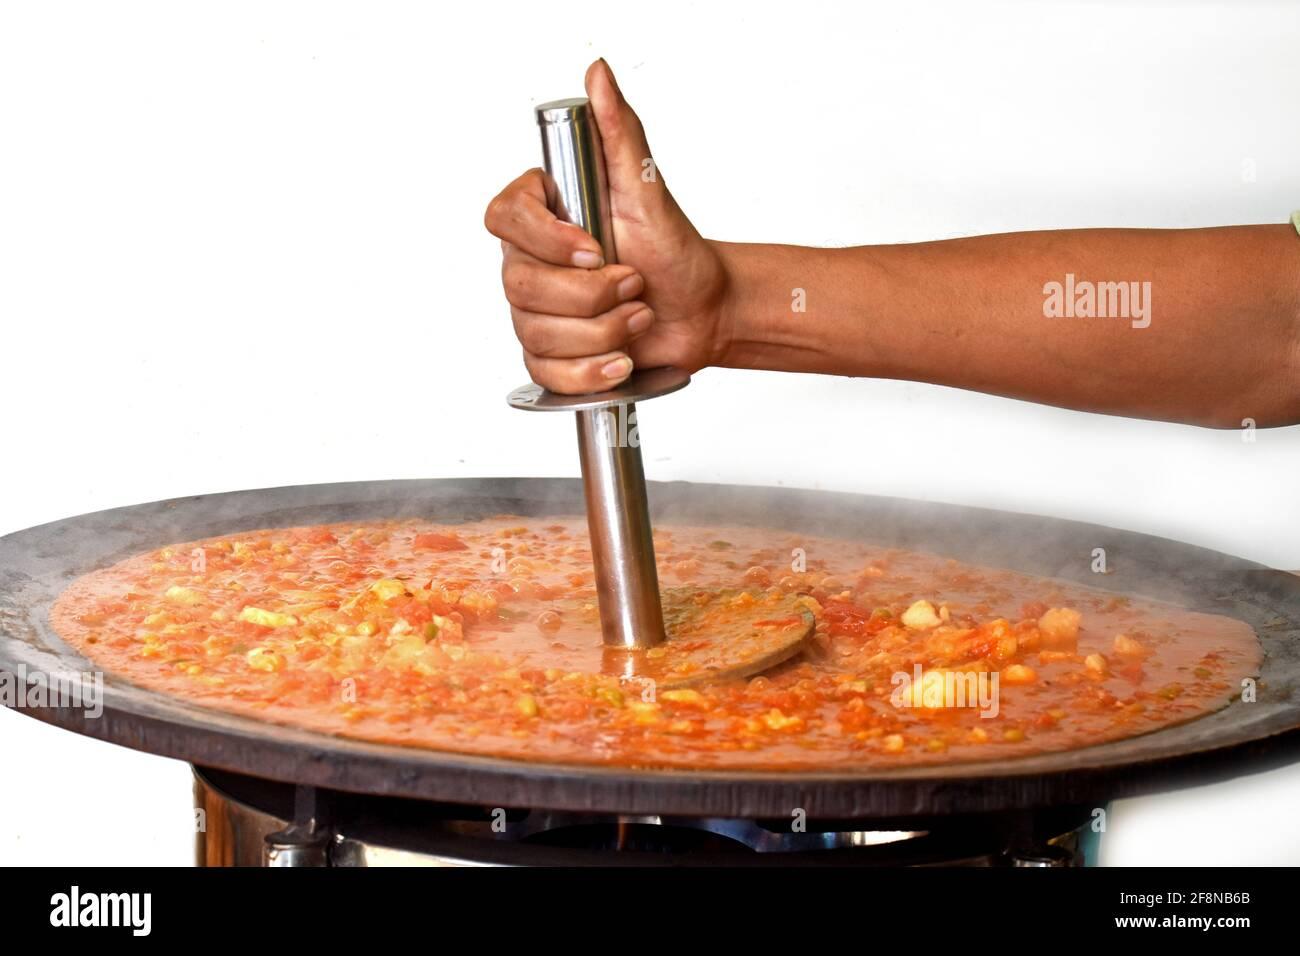 PAV Bhaji essendo cucinato nelle strade dell'India, cibo indiano di Mumbai il Pad bhaji, il Pad Bhaji è un piatto di fast food, curry di verdure spesse e piccanti, Foto Stock